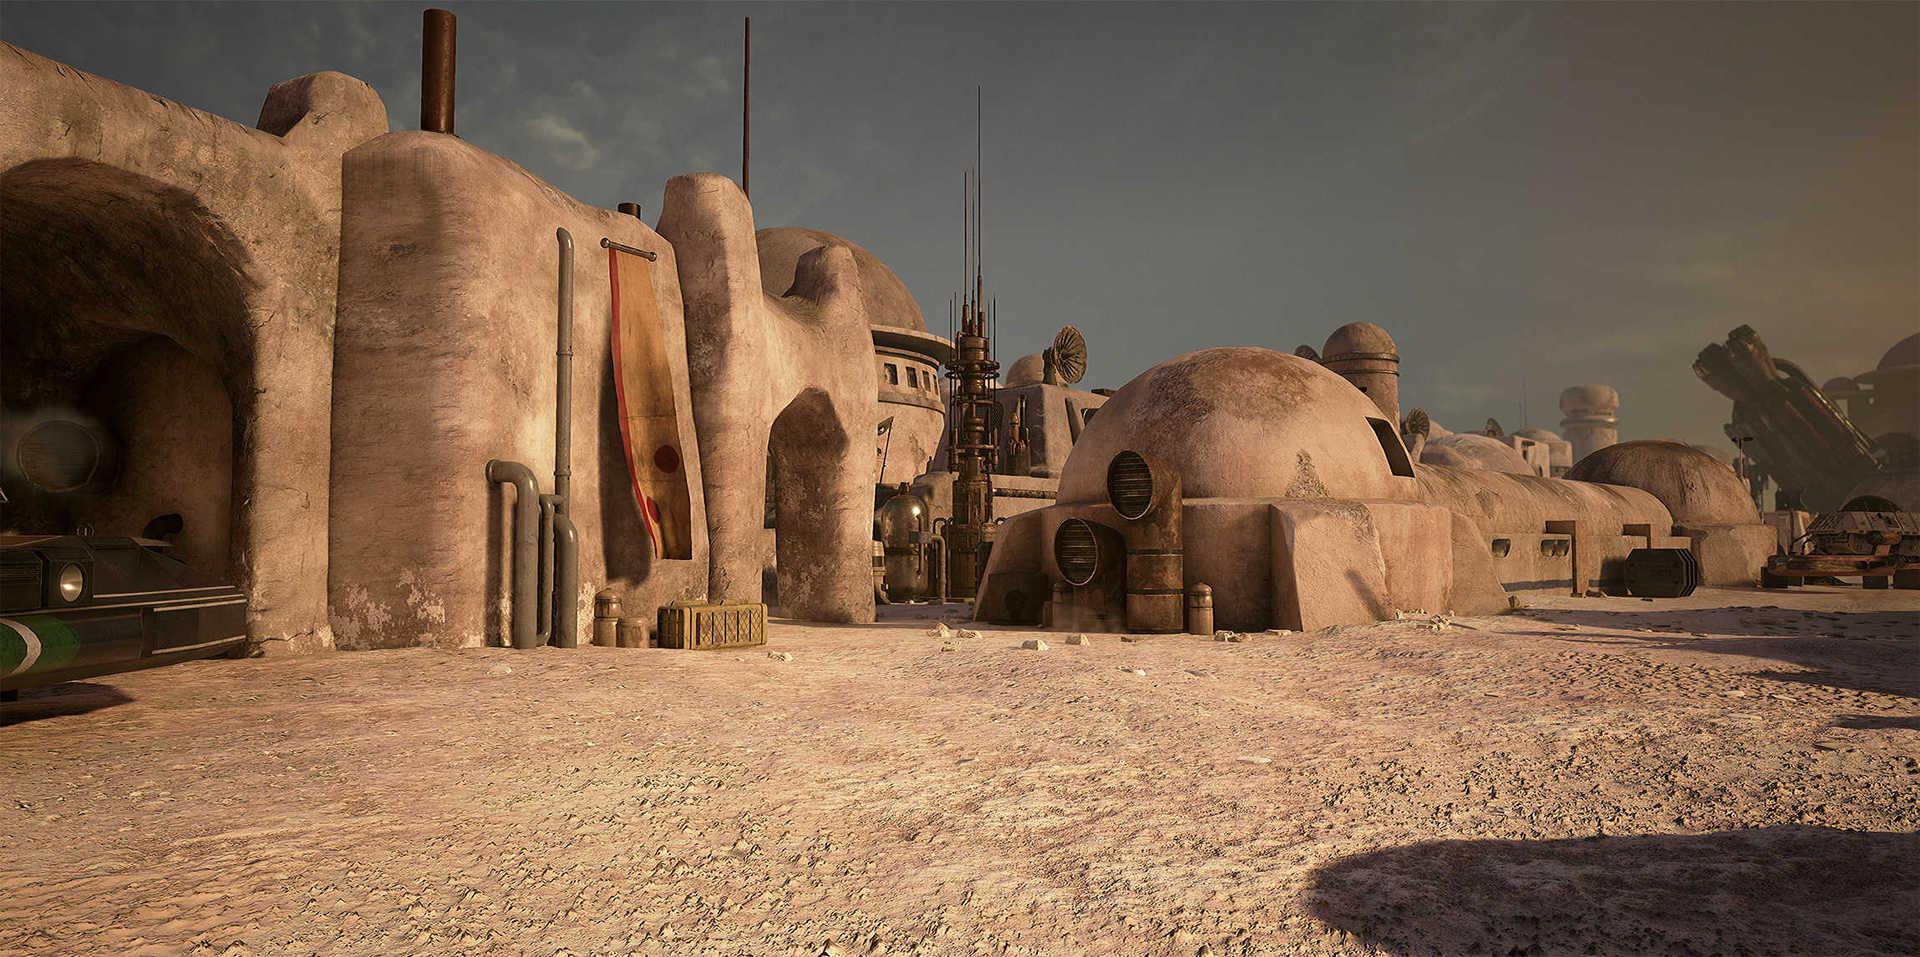 Создание сцены из Star Wars в Unreal Engine 4 - 13